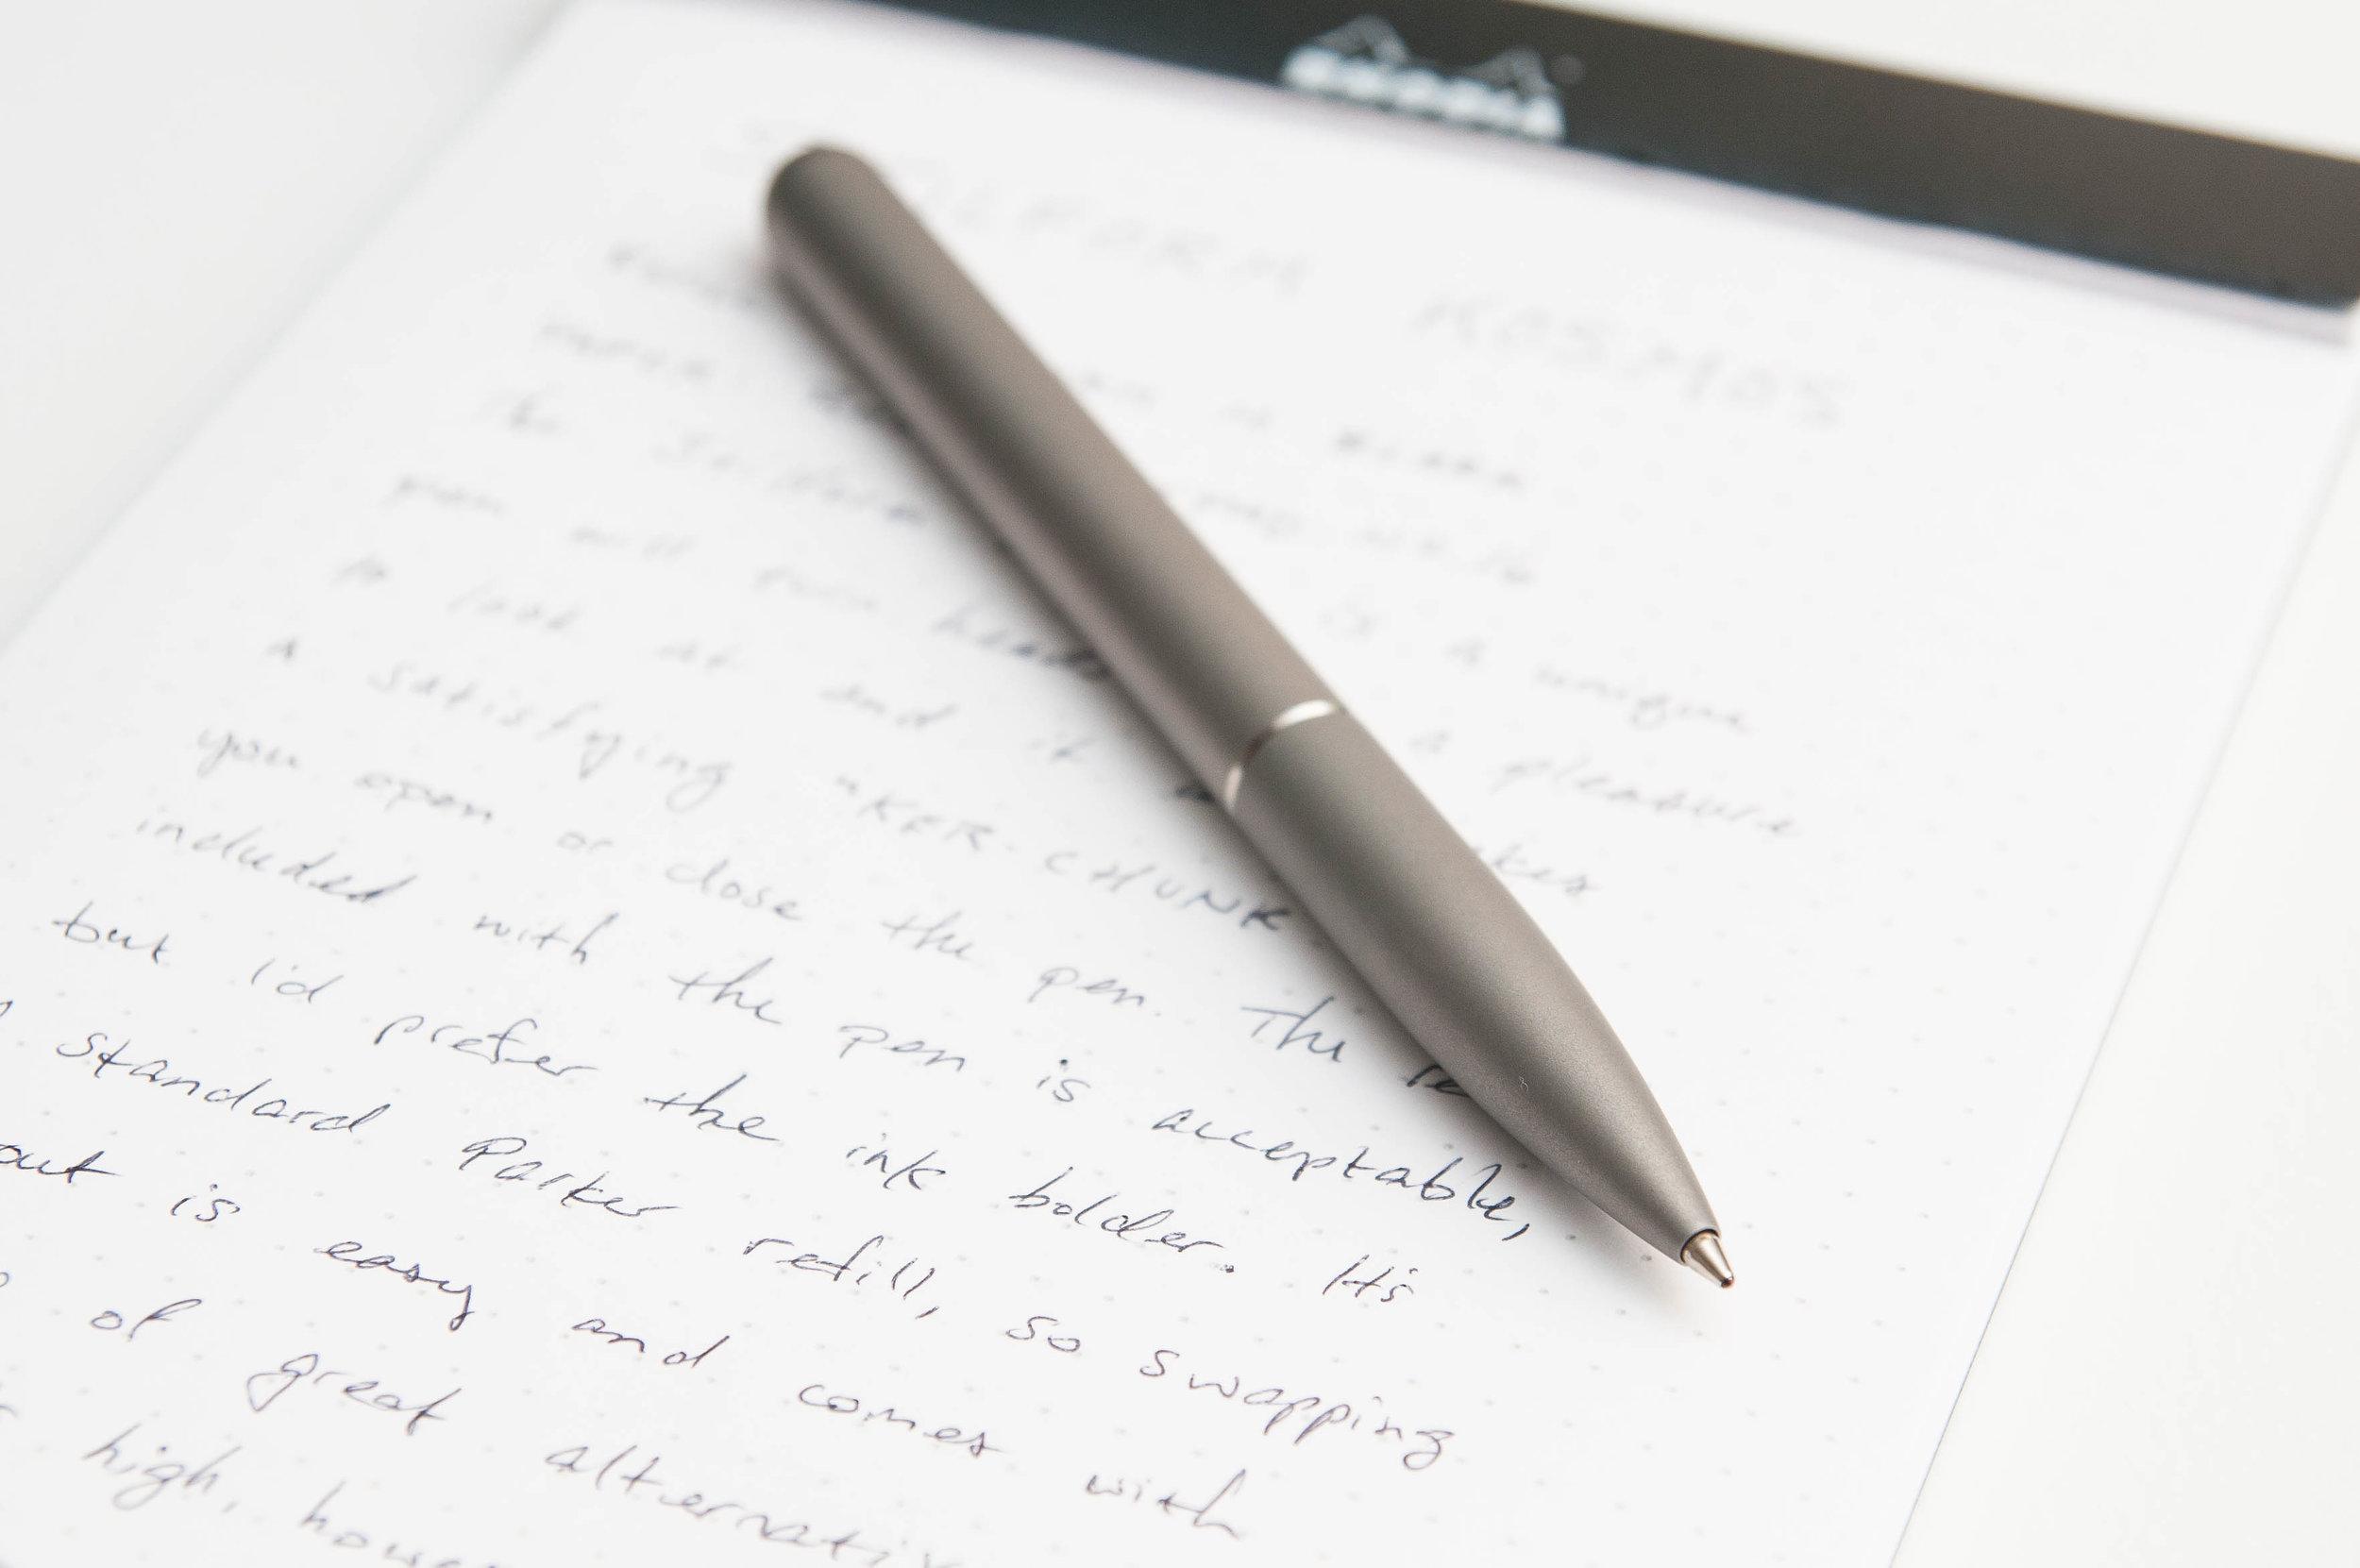 Stilform Kosmos Ballpoint Pen Review